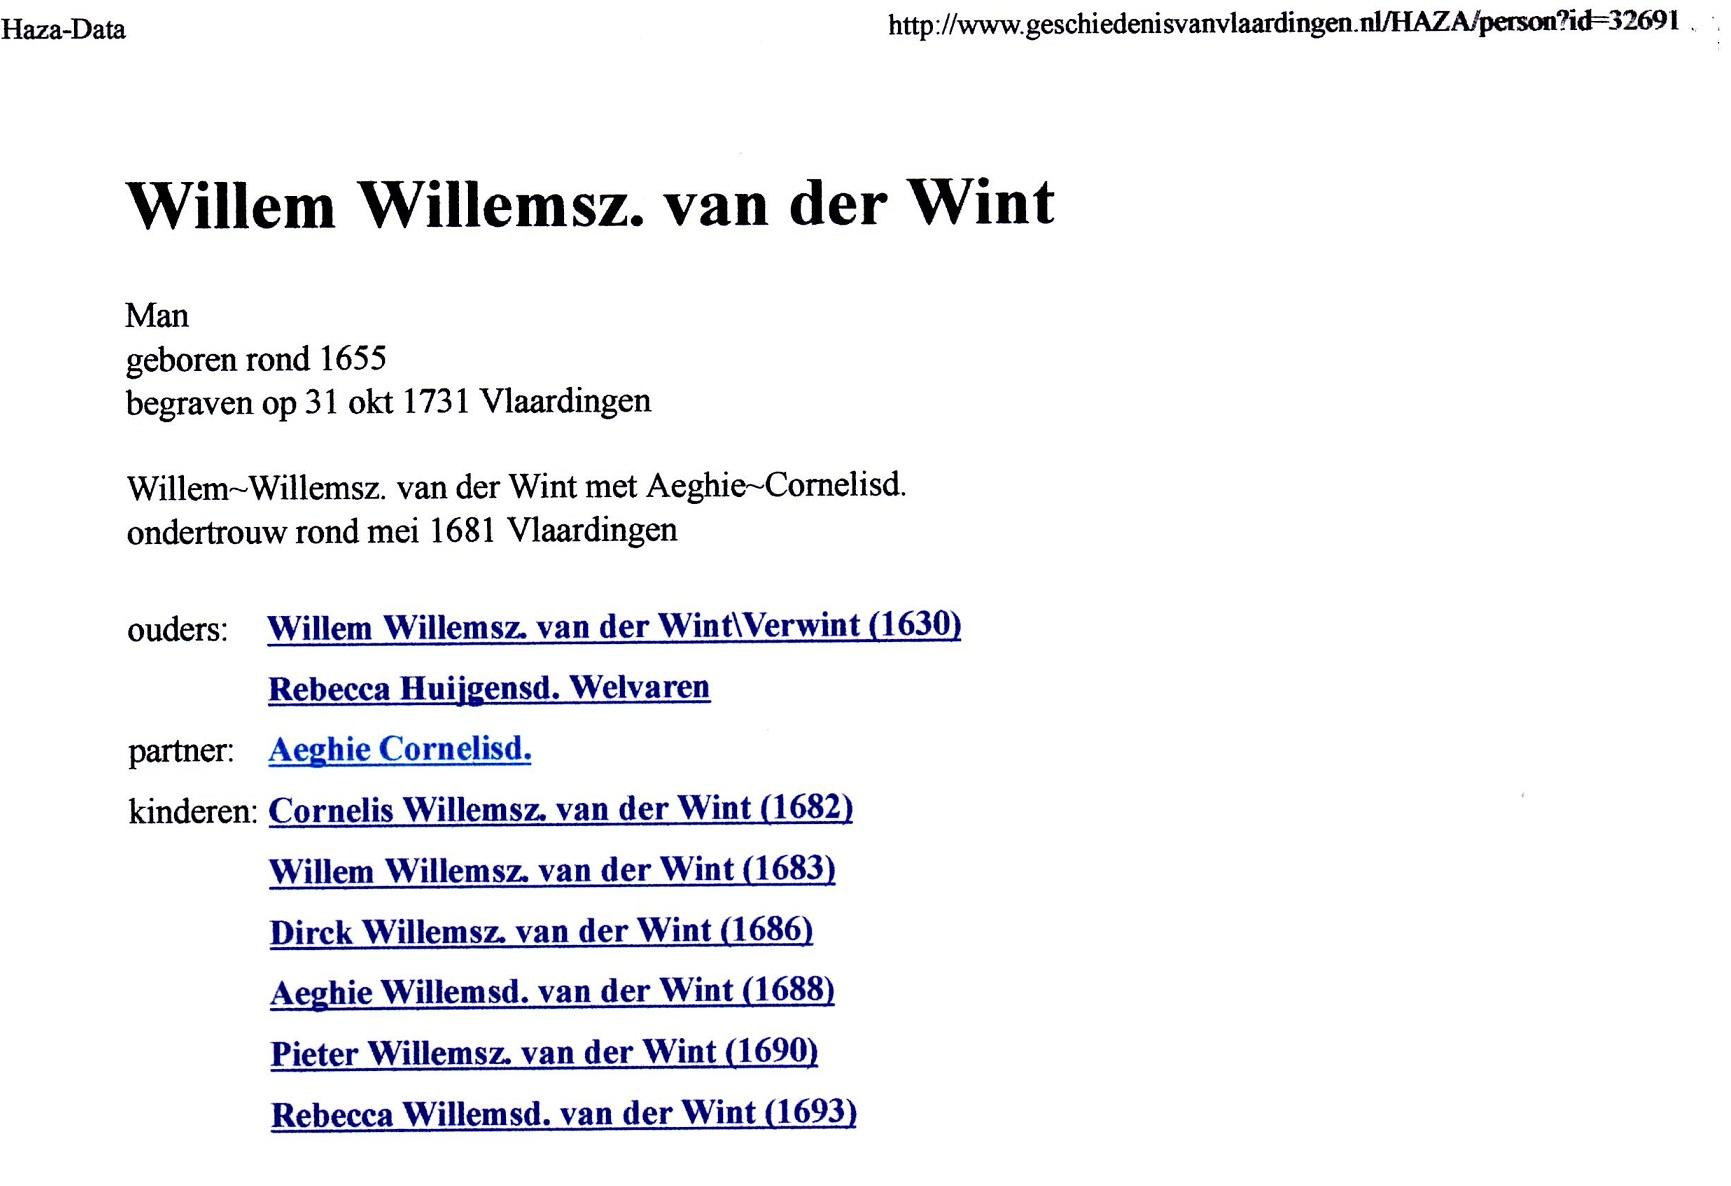 1653 Willem Willemsz van der Wint